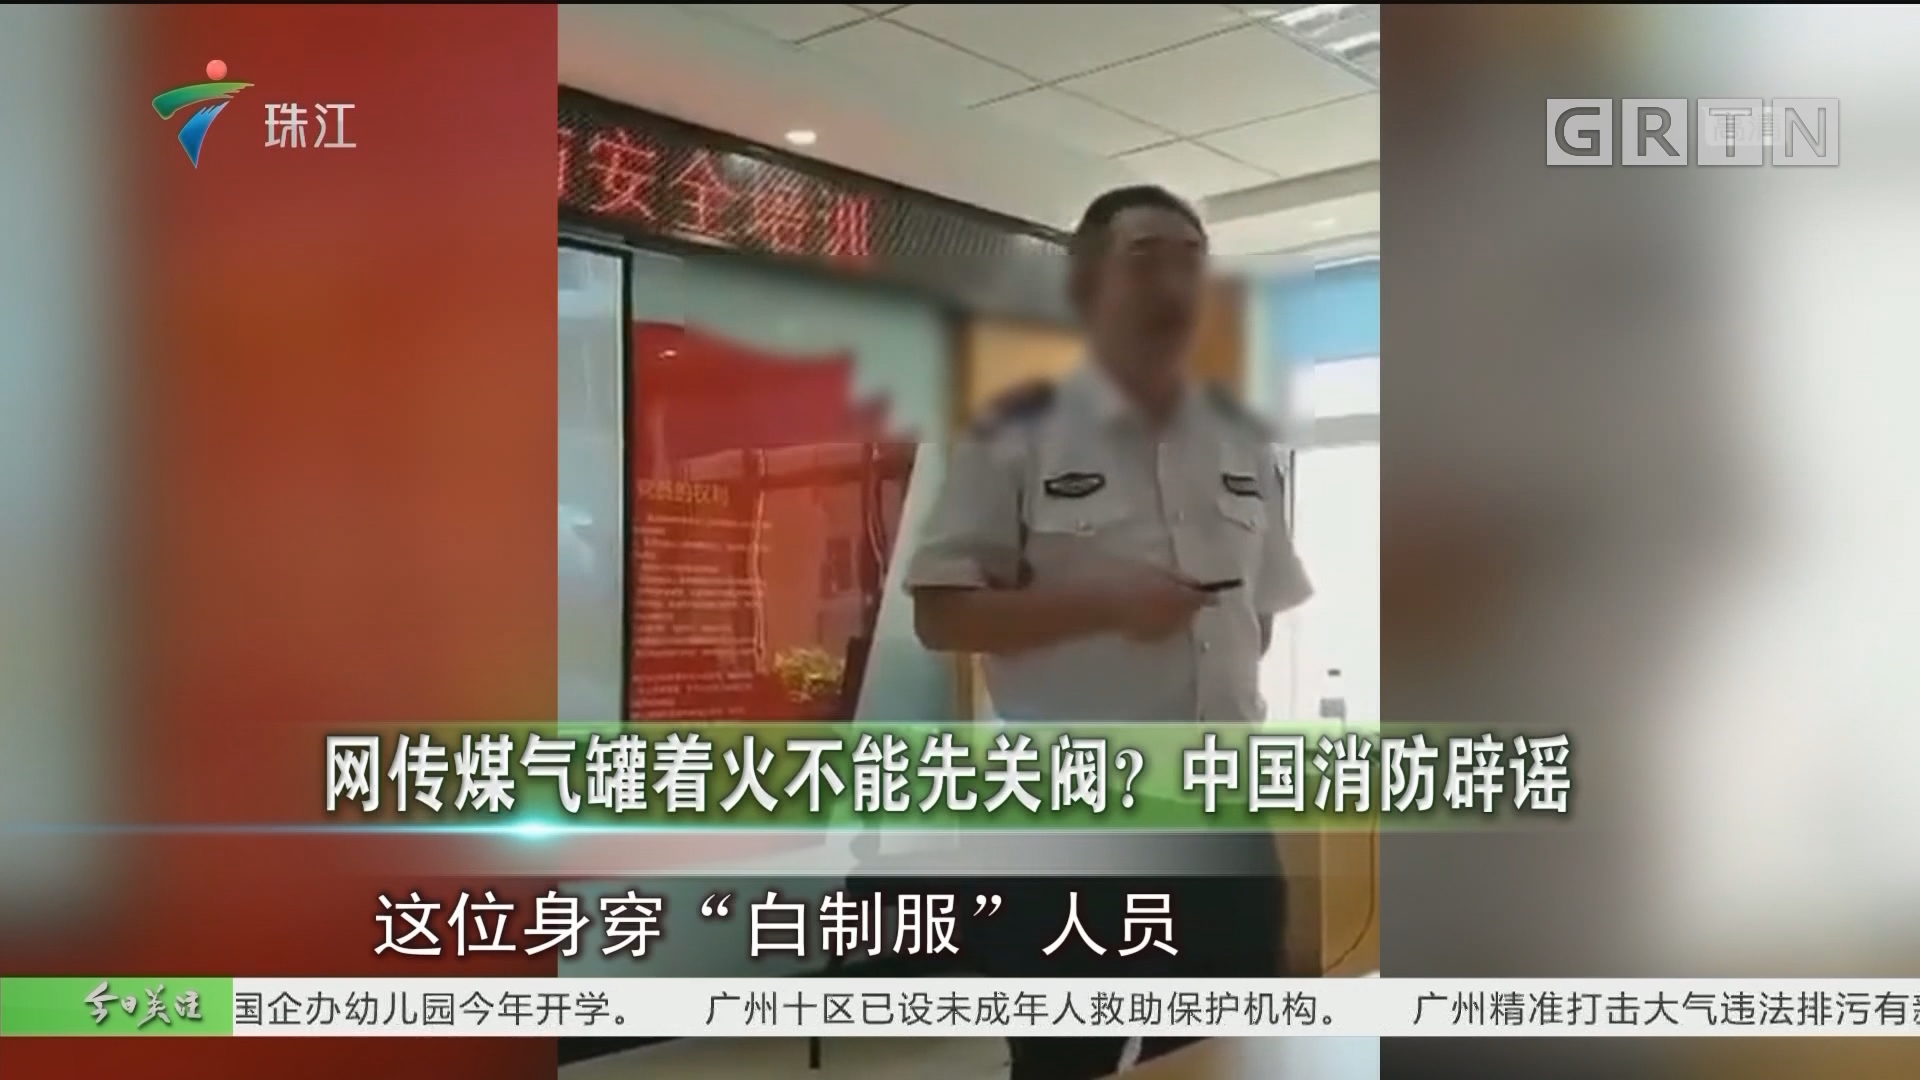 網傳煤氣罐著火不能先關閥?中國消防辟謠